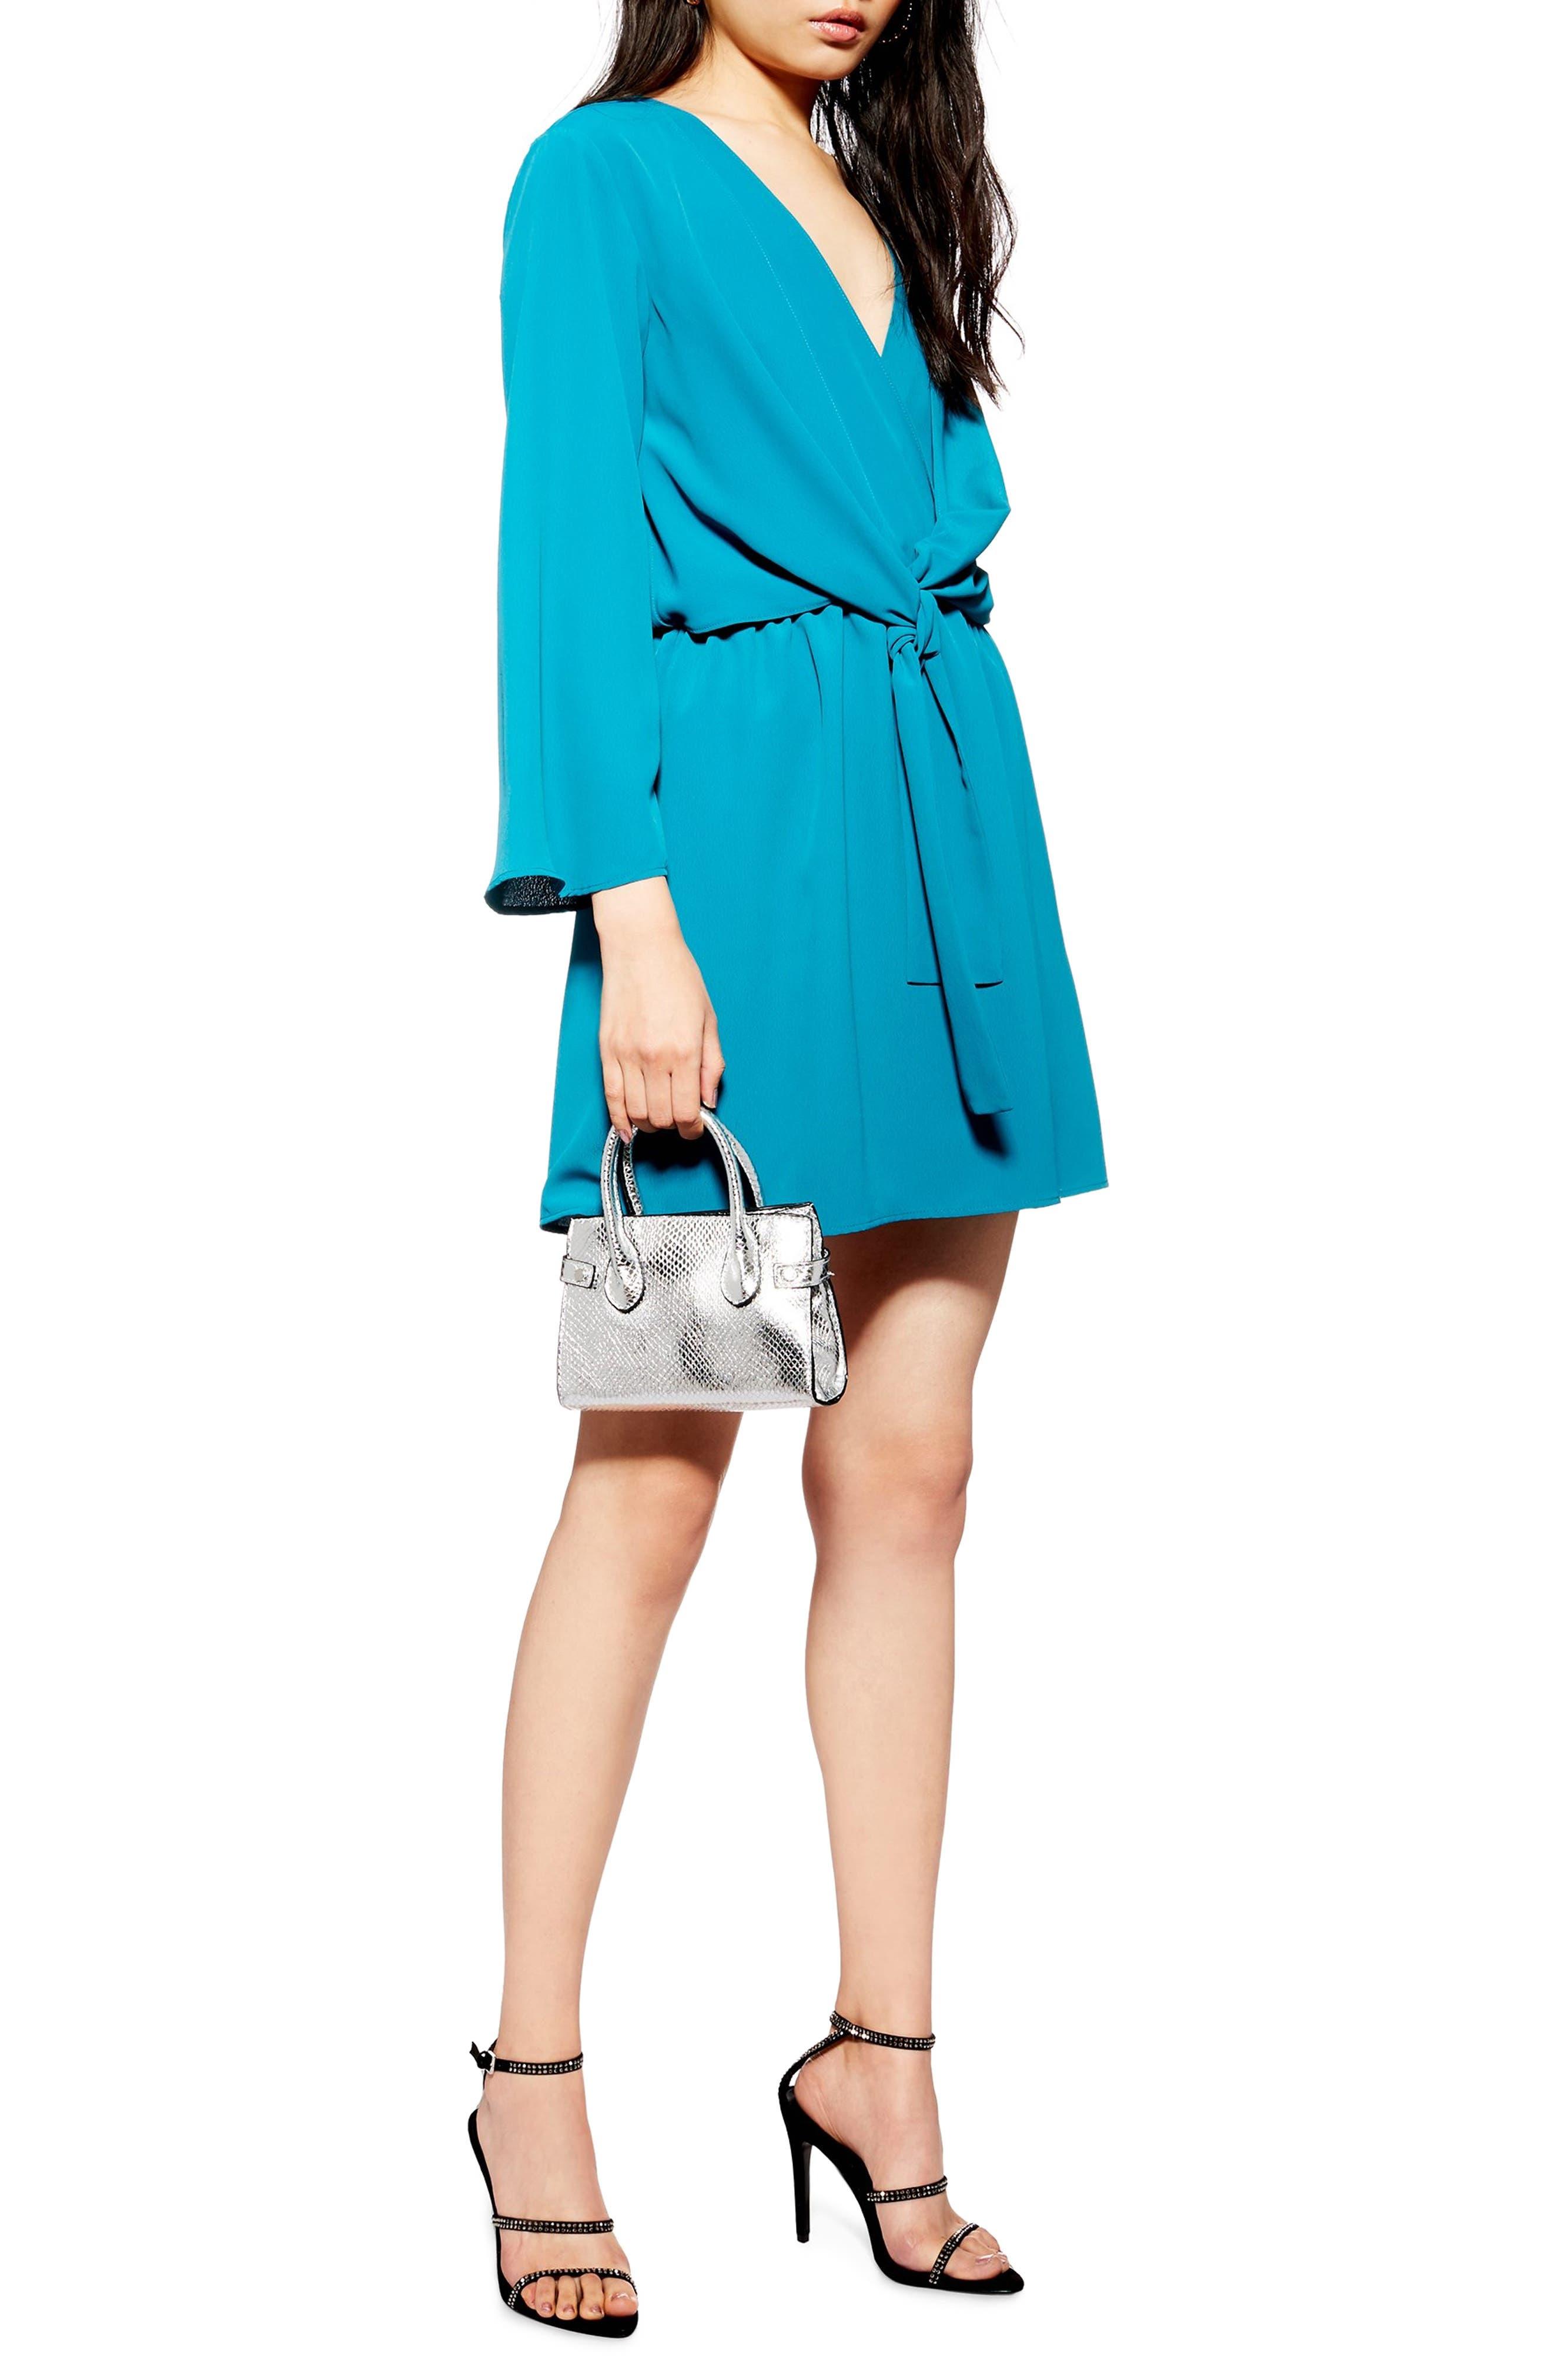 Topshop Tiffany Knot Minidress, US (fits like 0) - Blue/green